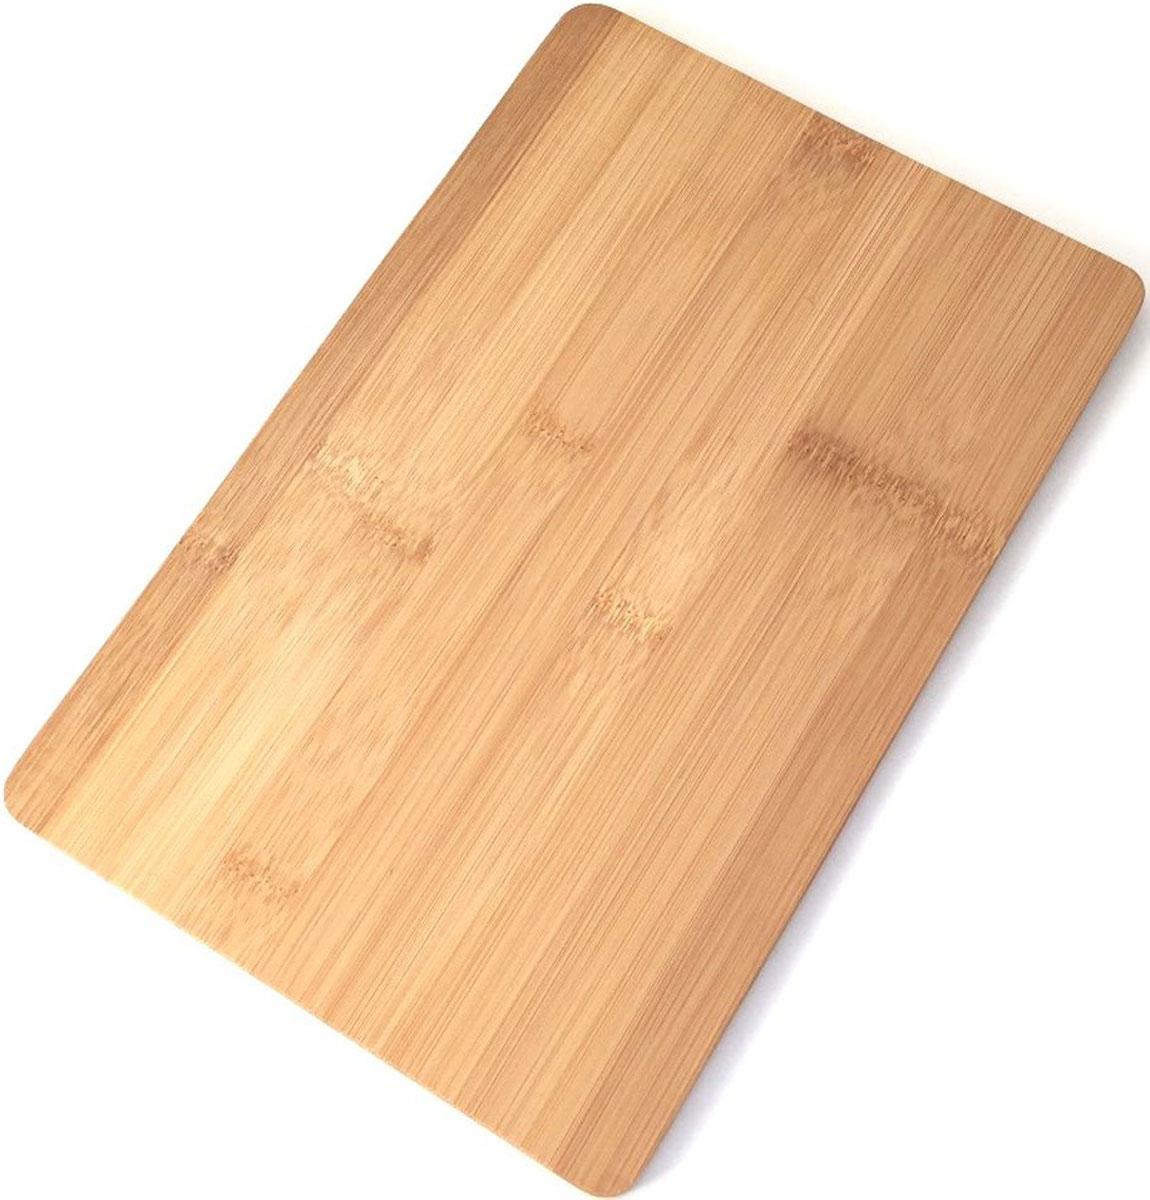 Доска разделочная Dommix, прямоугольная, 20 х 30 х 1 см. BNB95054 009312Доска разделочная Dommix выполнена из натурального дерева бамбука. Доска снабжена удобной ручкой,страна изготовления Китай. Упаковано в полиэтиленовую пленку. Размер 30х20х1 см . Прекрасно подходит для приготовления и сервировки пищи. Особенности разделочной доски Dommix: высокое качество шлифовки поверхности изделий,двухслойное покрытие пищевым лаком, безопасным для здоровья человека, степень влажность 8-10%, не трескается и не рассыхается, высокая плотность структуры древесины,устойчива к механическим воздействиям,не предназначена для мытья в посудомоечной машине.